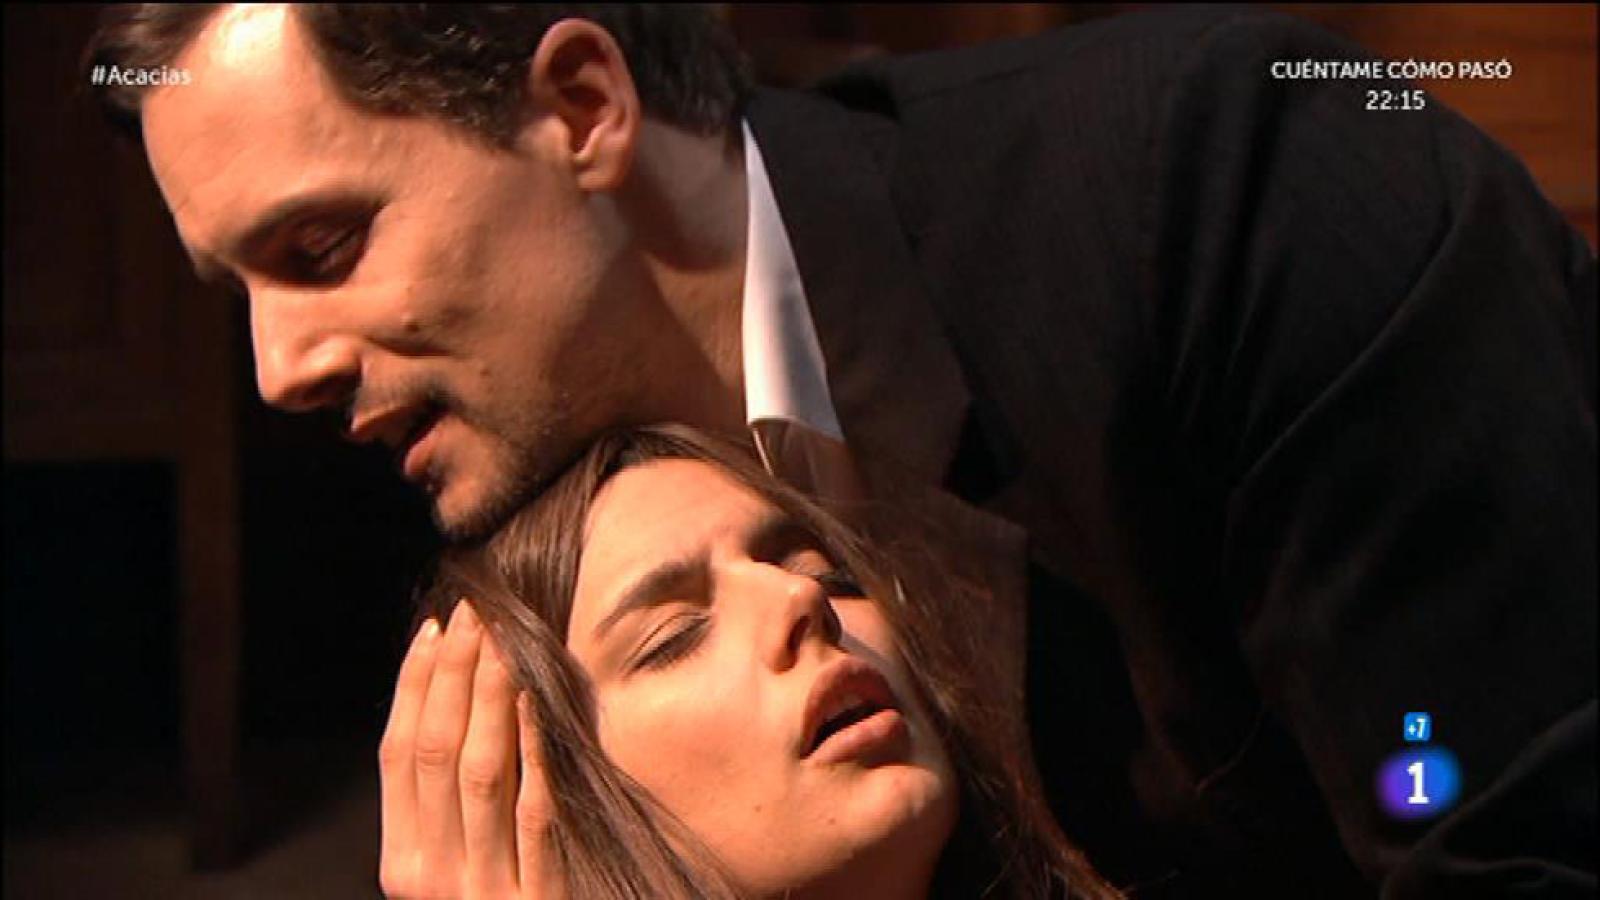 Acacias 38 - Germán y Manuela llevan a cabo su plan